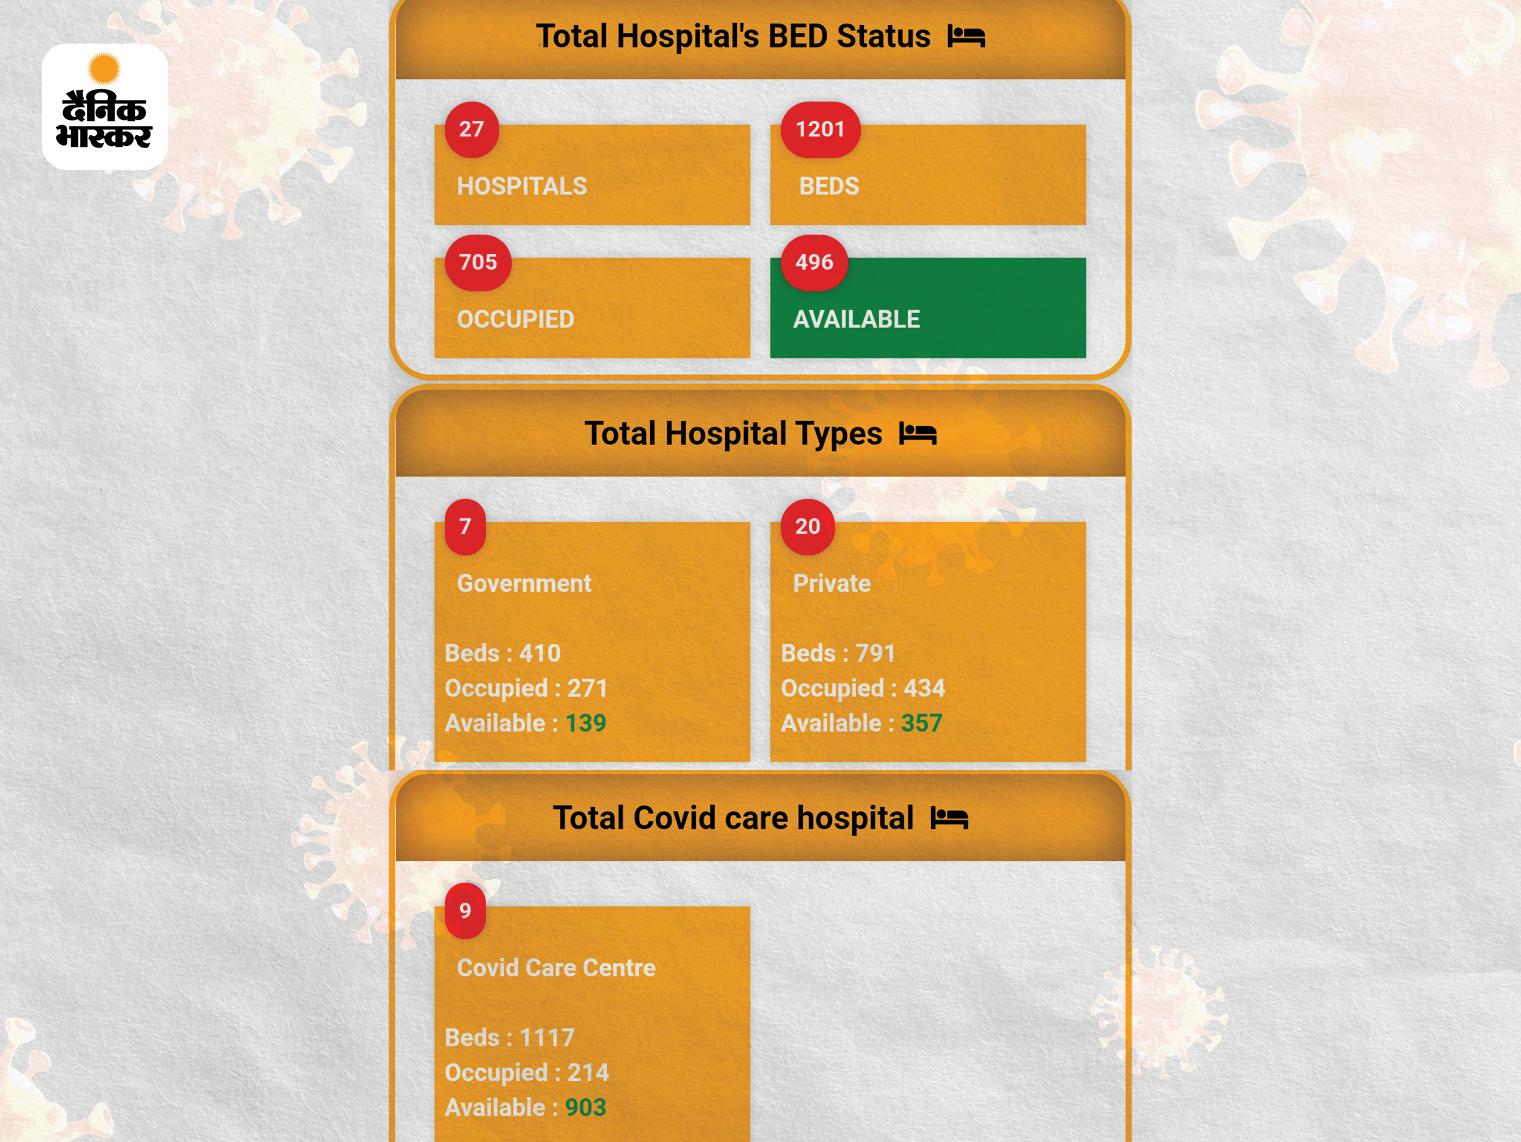 ये नंदुरबार जिले की वेबसाइट है। जिसपर कोविड से संबंधी अस्पताल, ऑक्सीजन बेड और बाकी रिसोर्सेस की रियल टाइम जानकारी उपलब्ध है।